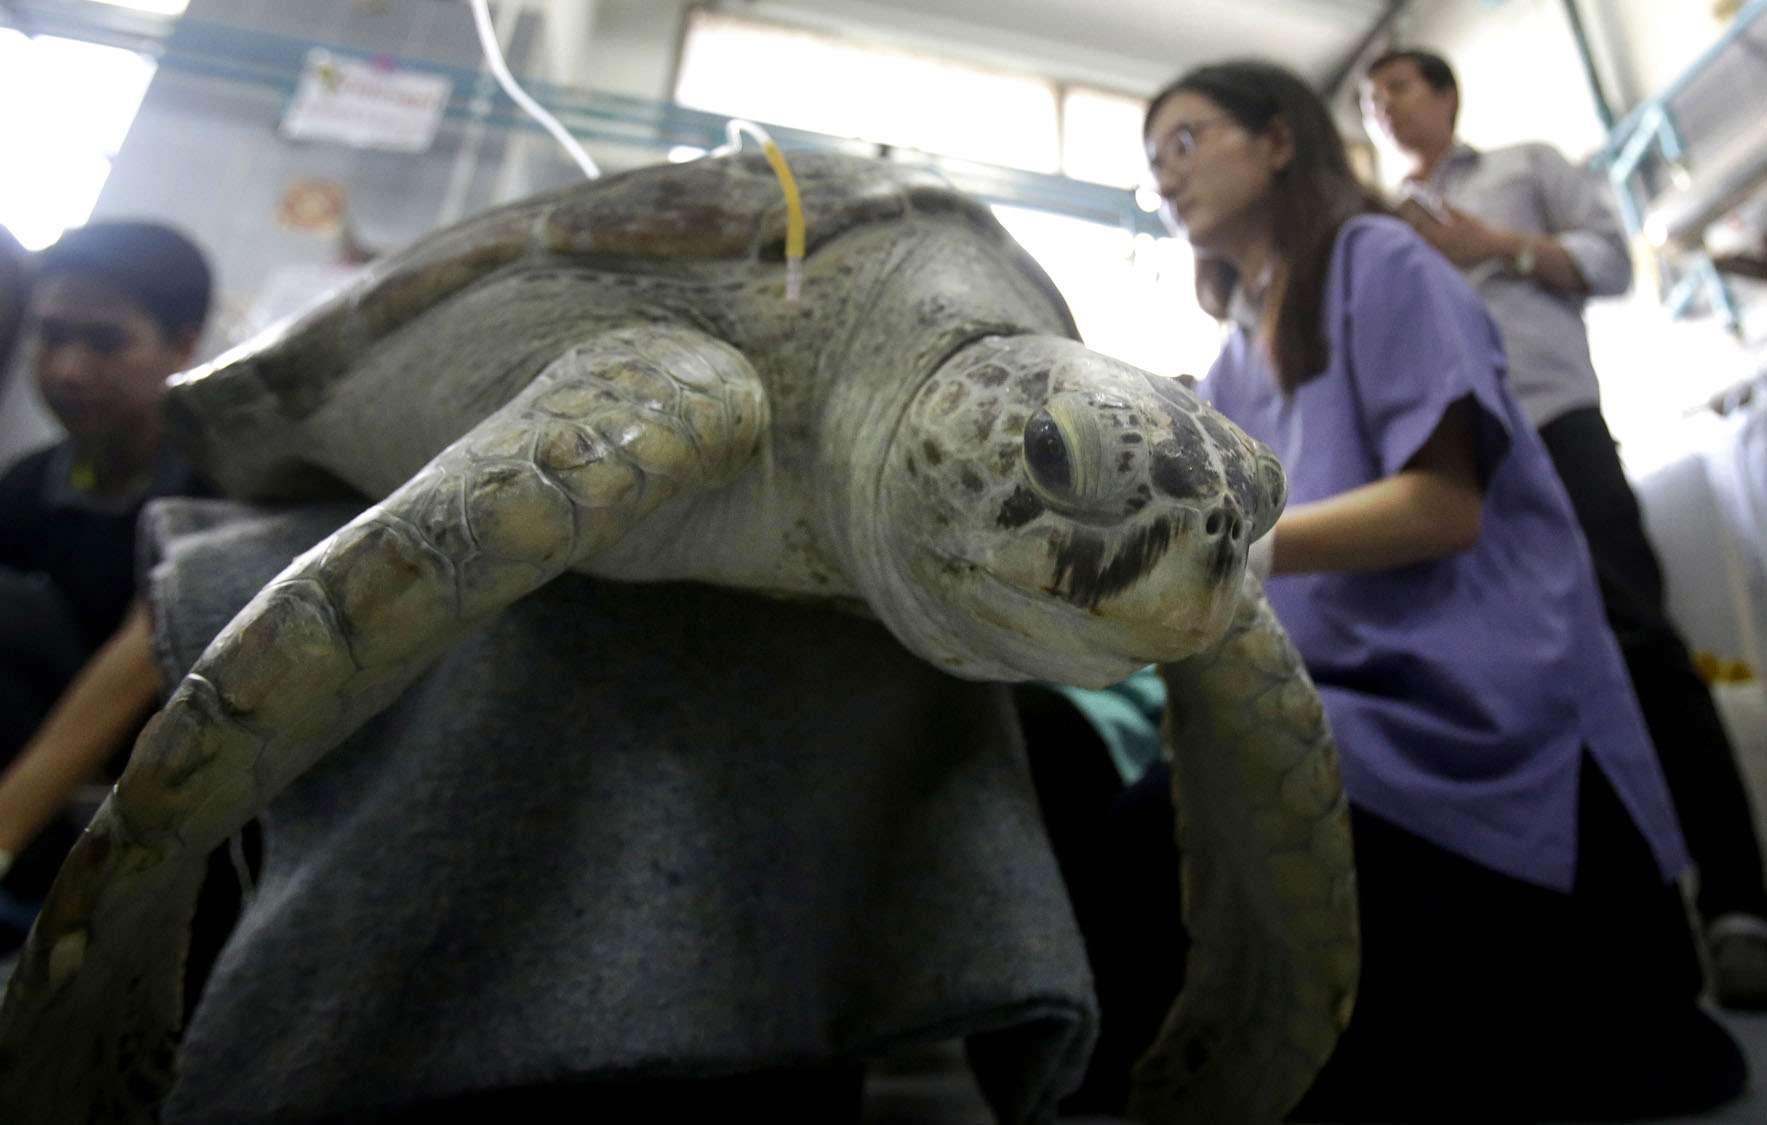 Ветеринары решили дать черепахе кличку Омсин, что в переводе с тайского языка означает «копилка».